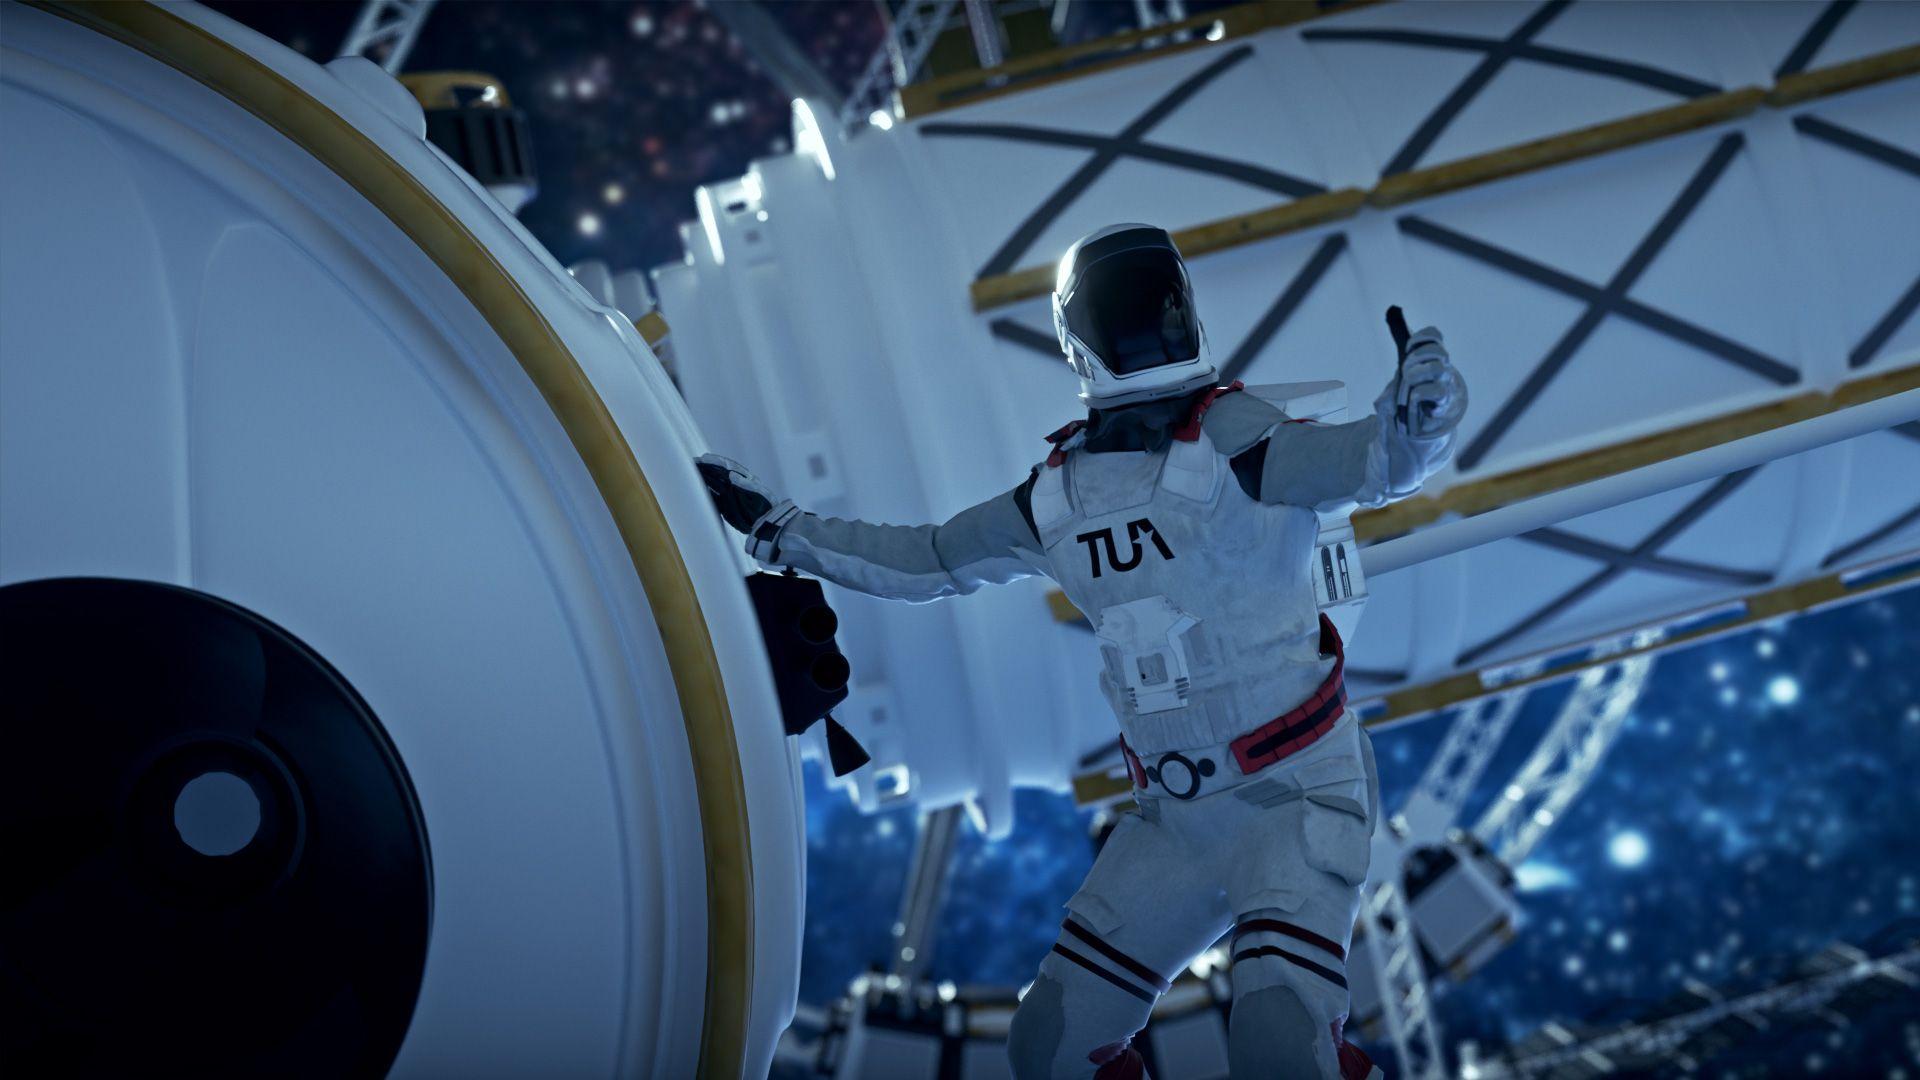 Milli Uzay Programı Tanıtım Filmi - Türkiye Uzay Ajansı